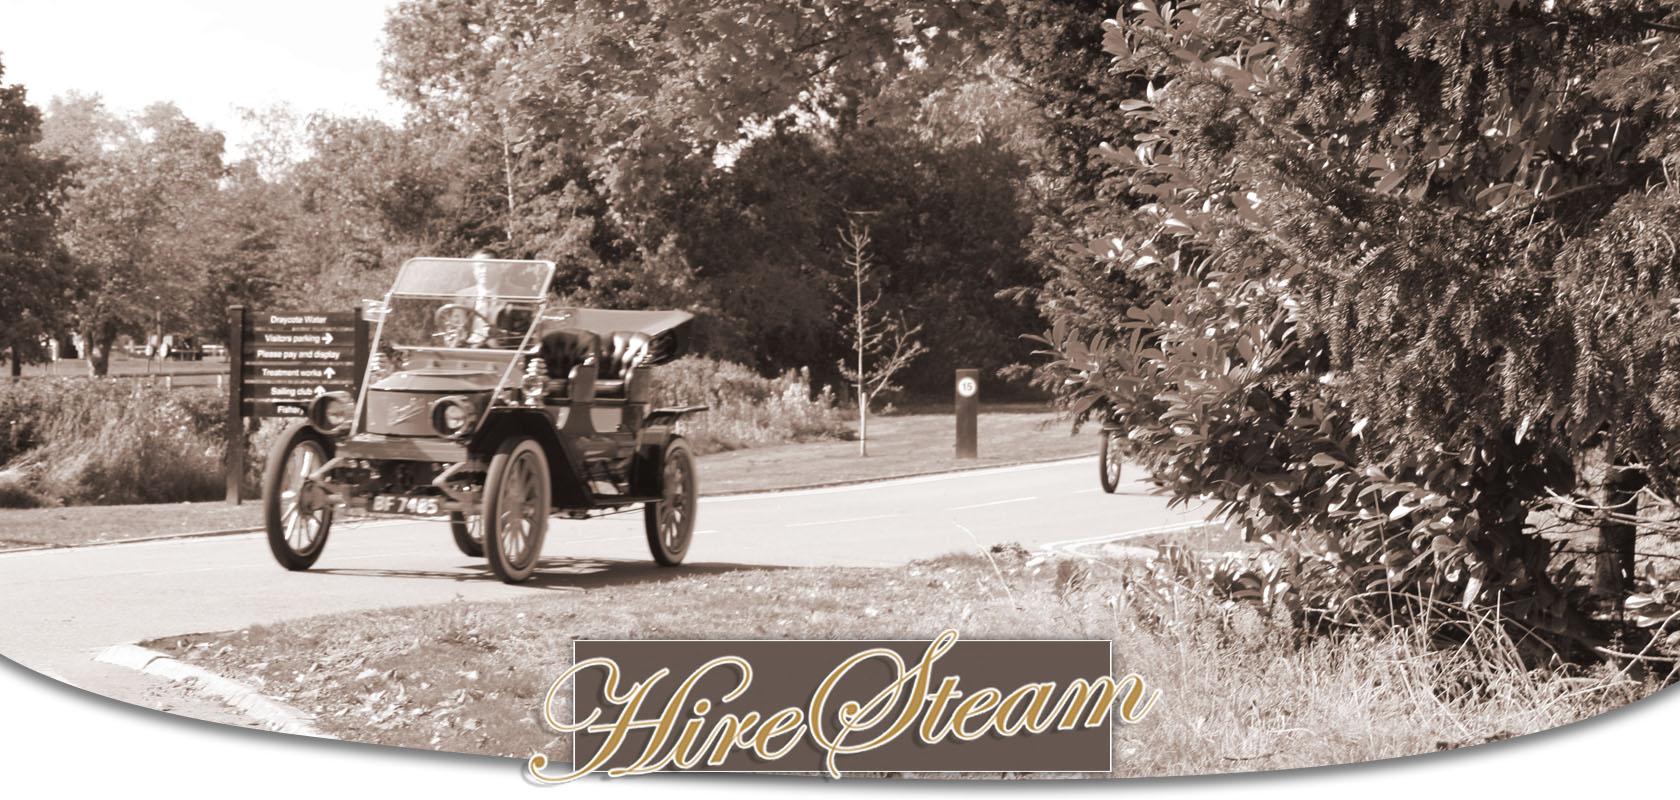 Drive A Steam Car Experience